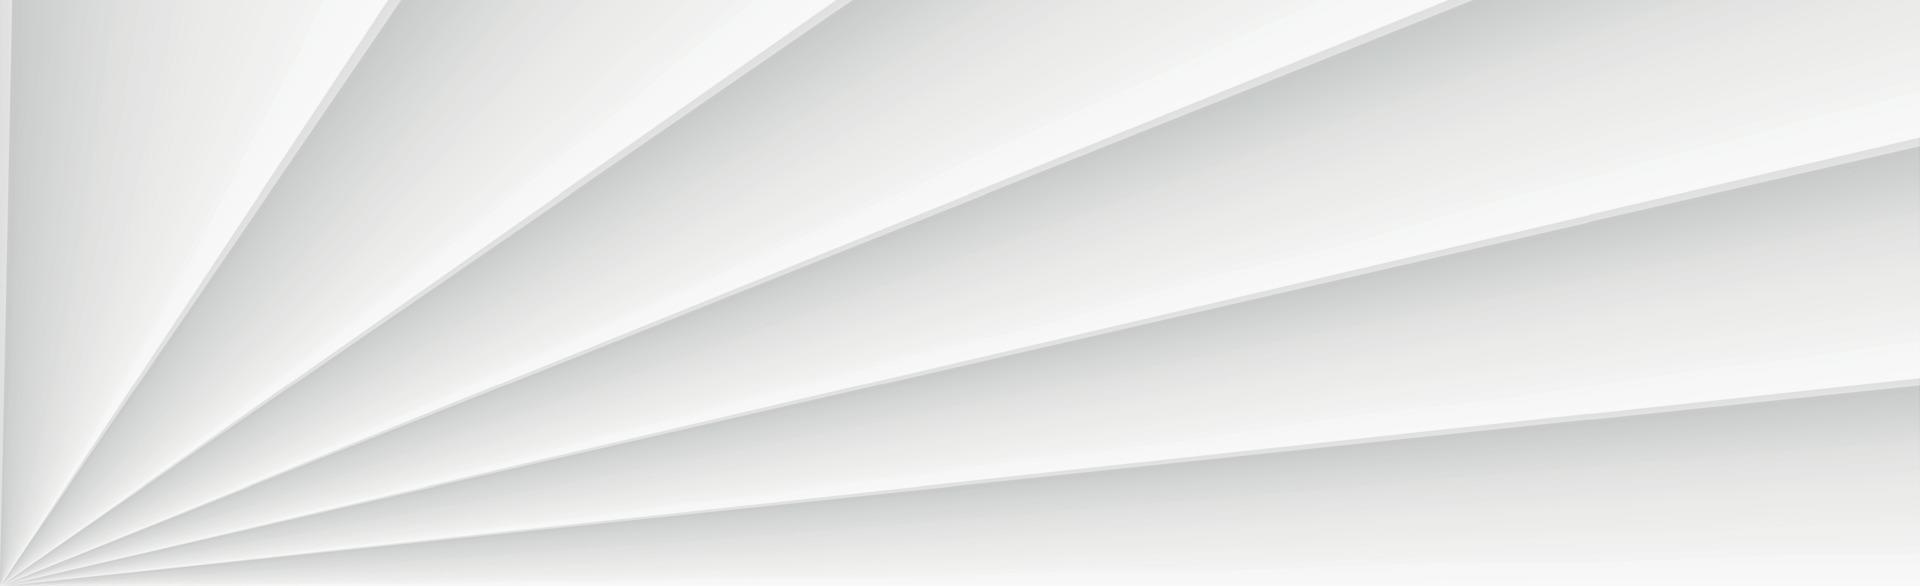 Fondo panorámico de vector blanco con líneas rectas y sombras